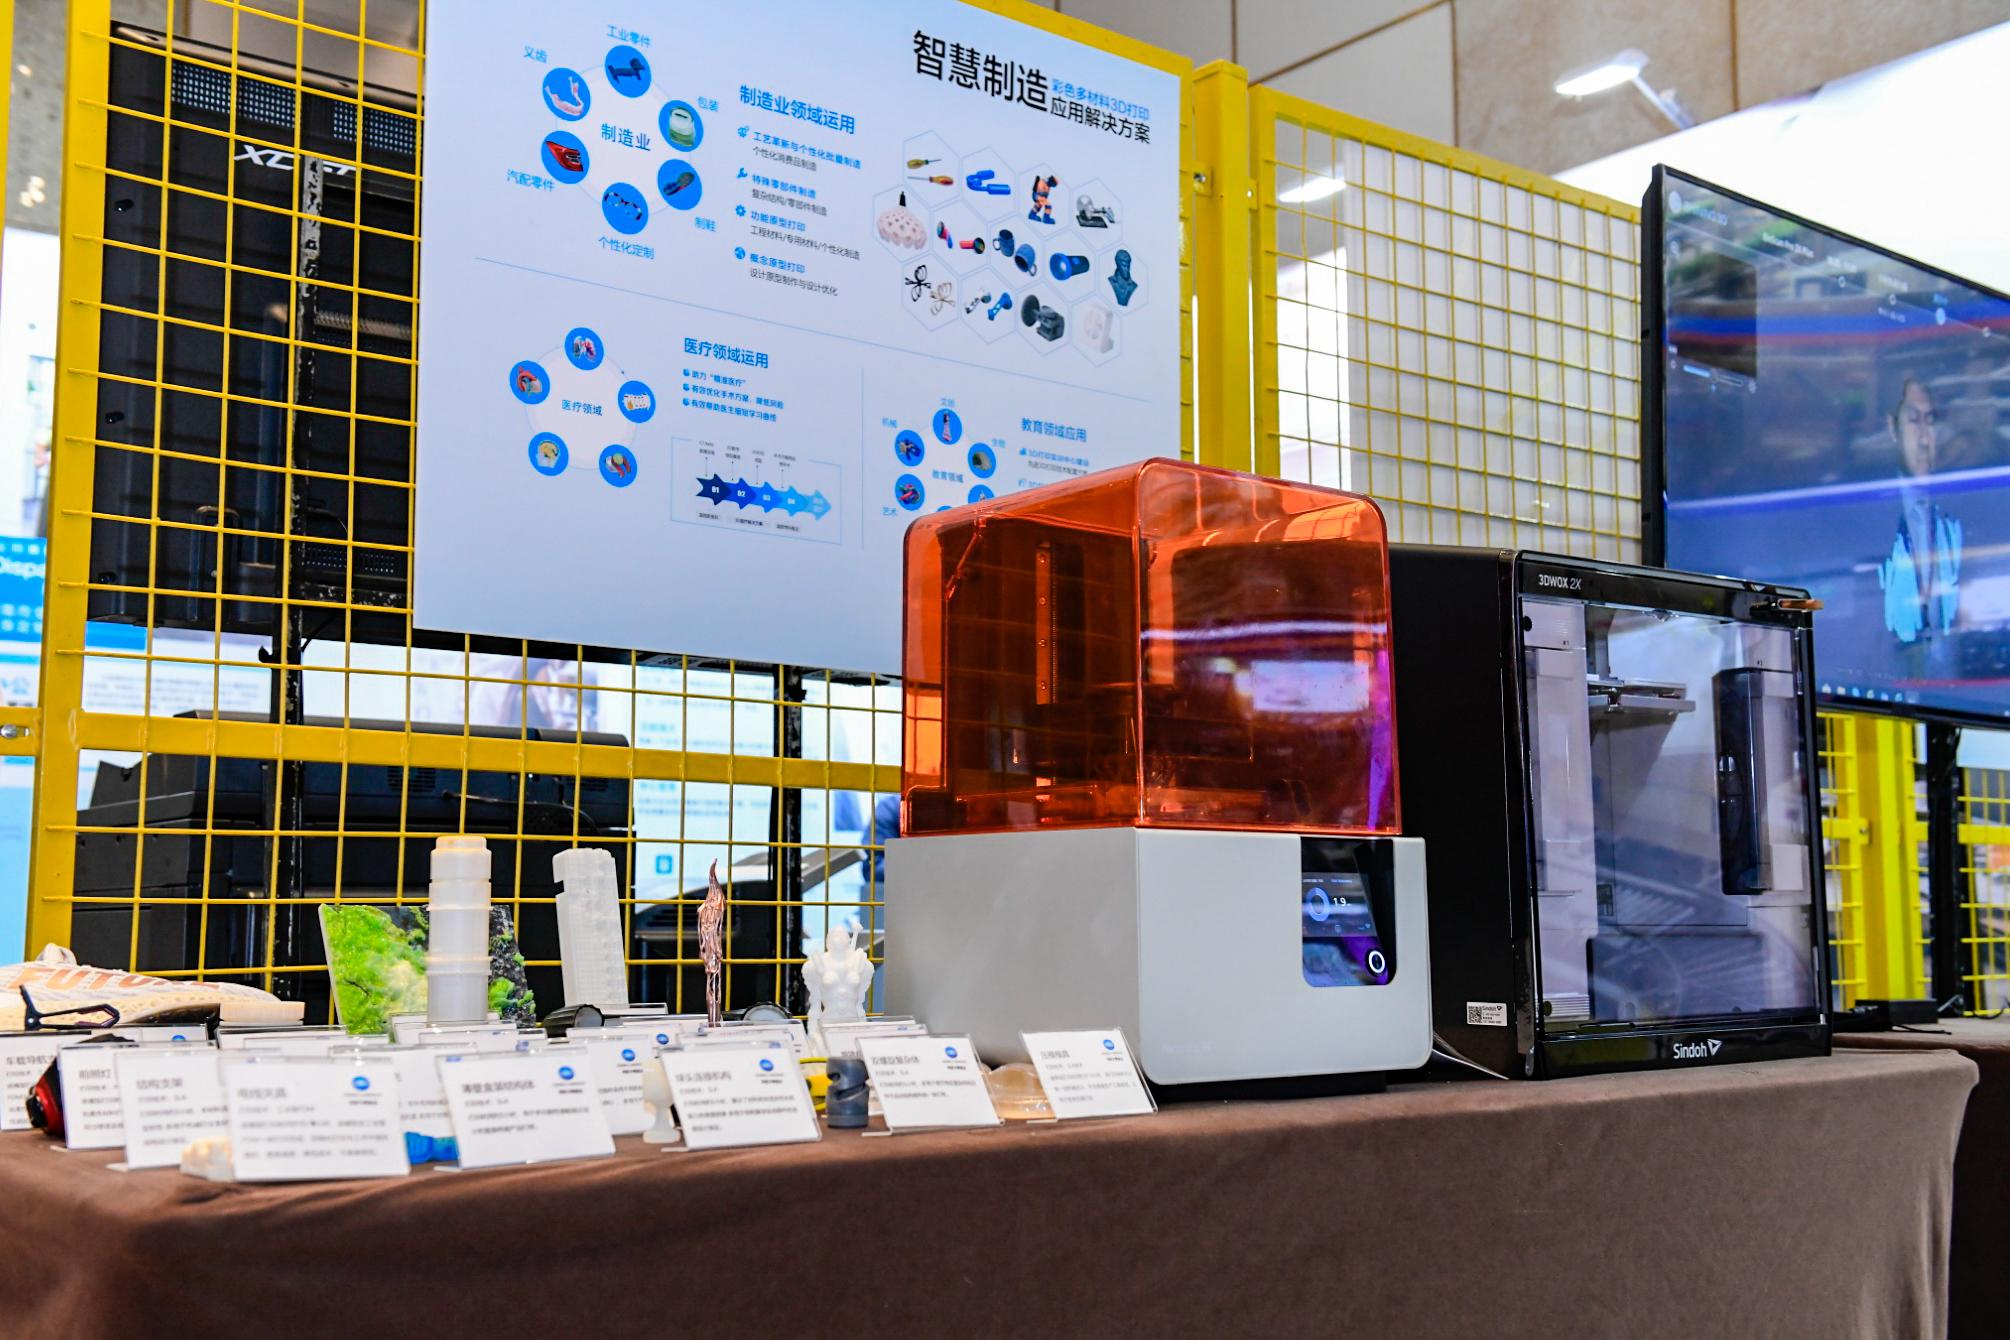 7-巡展上海站现场的3D打印展示区.jpg